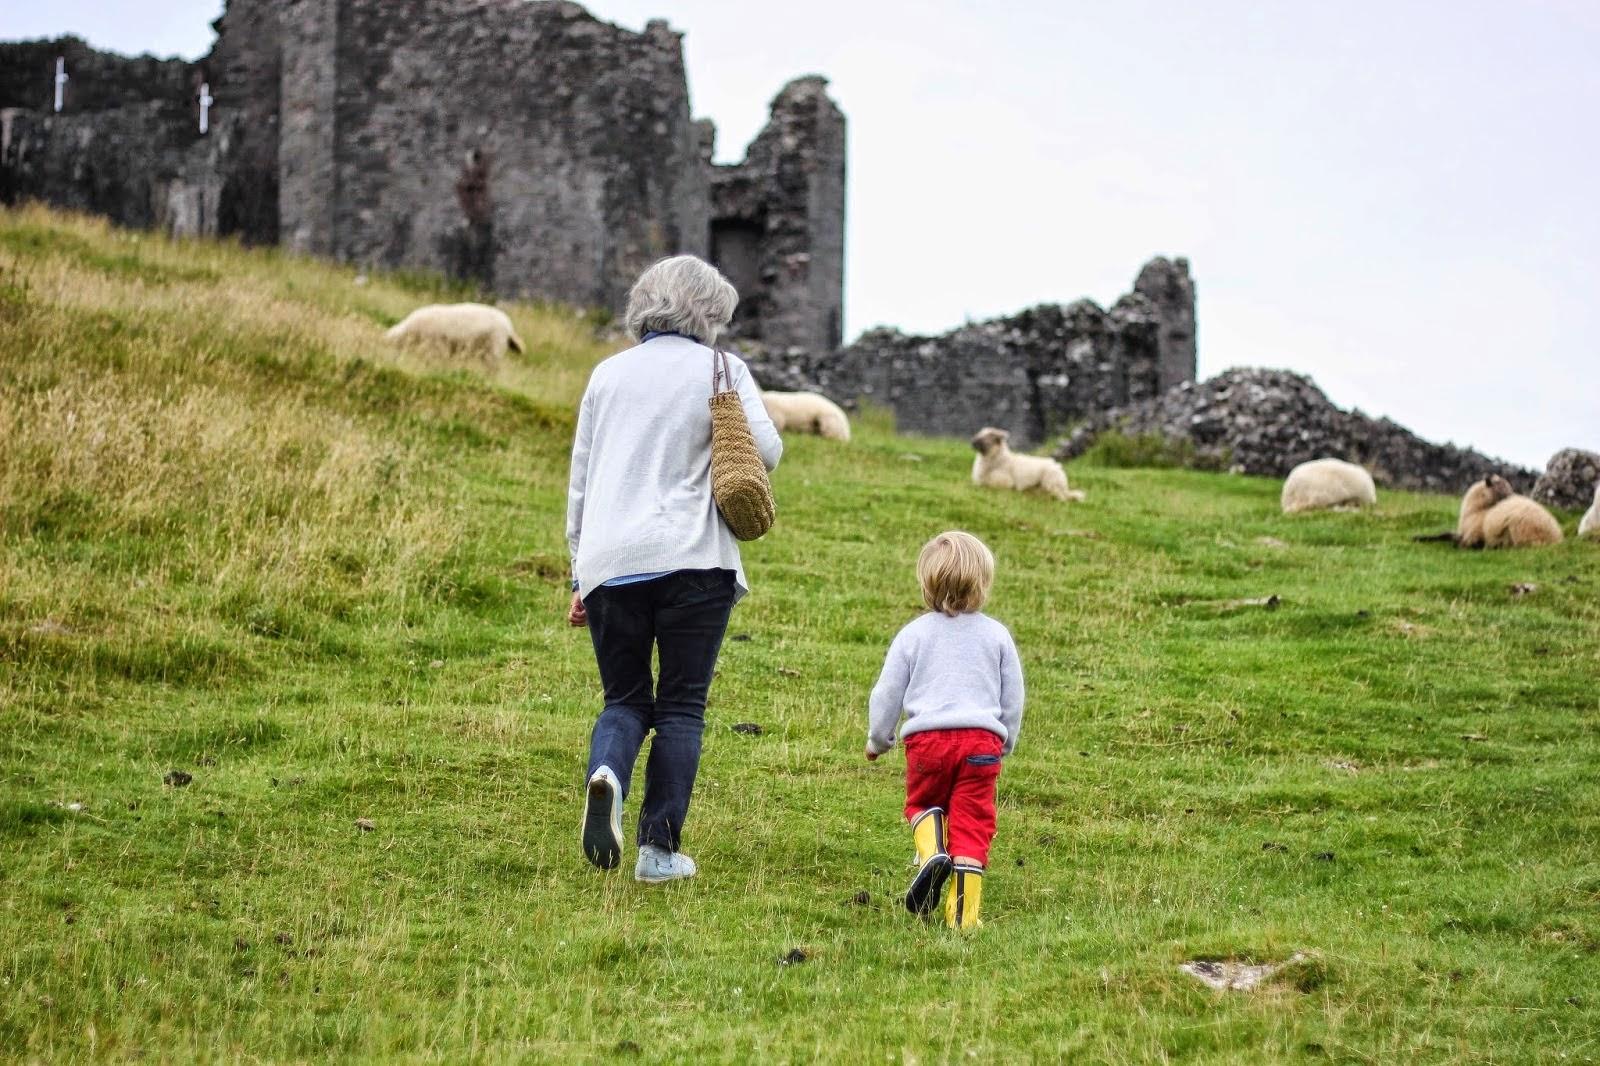 Rural Wales